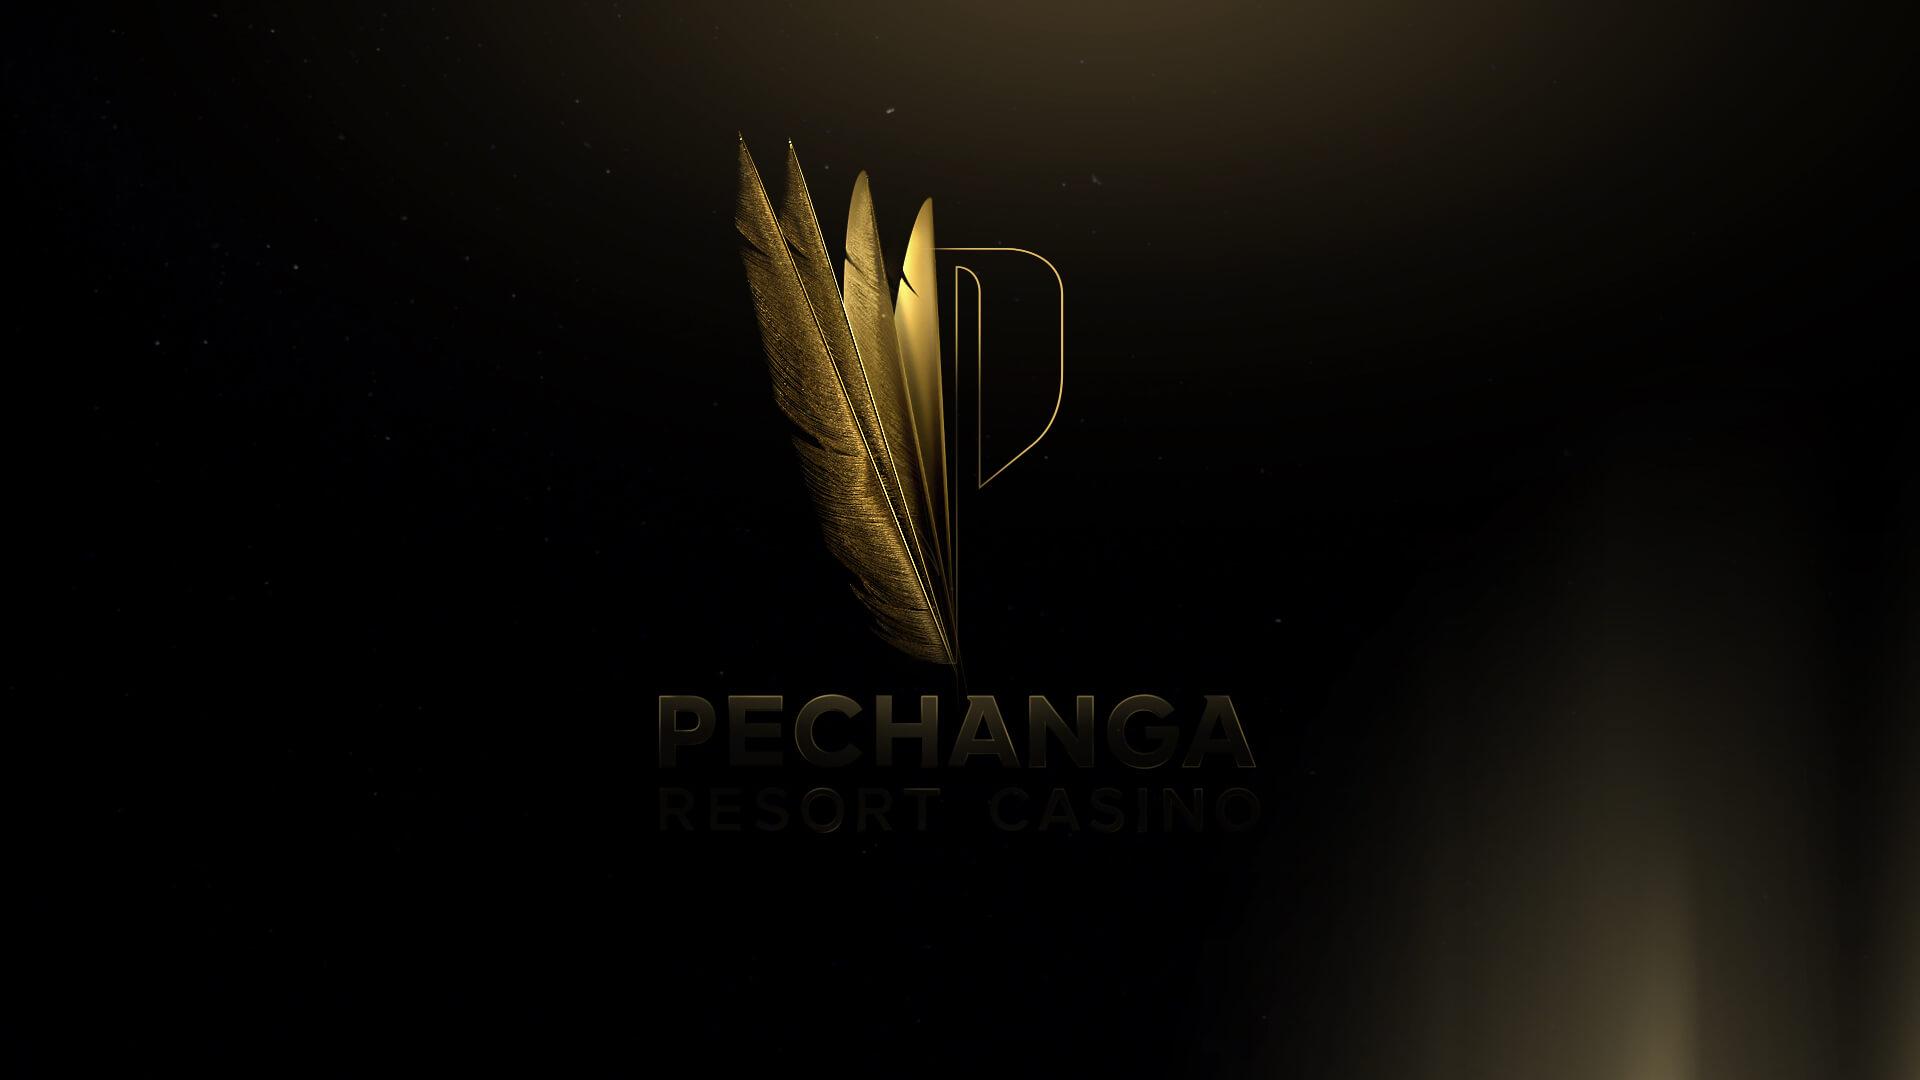 pechanga_05